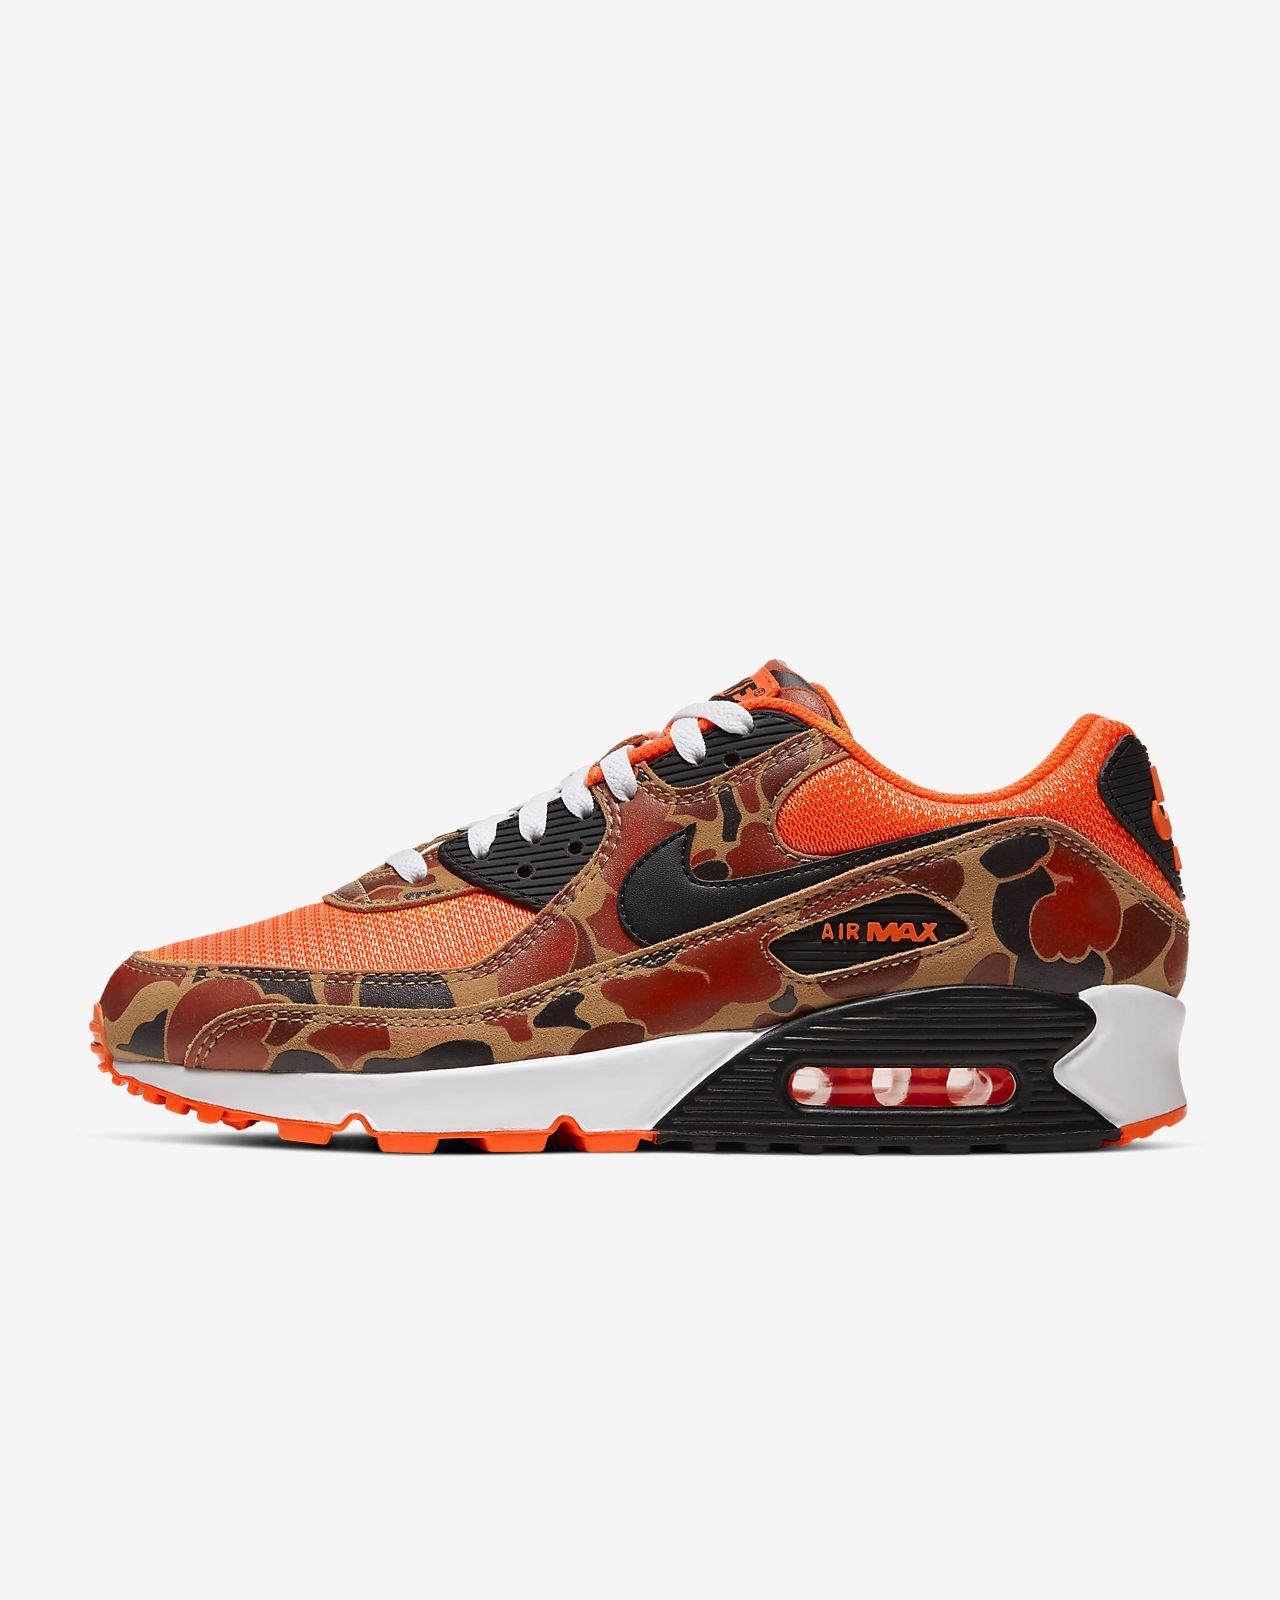 รองเท้าผู้ชาย Nike Air Max 90 SP